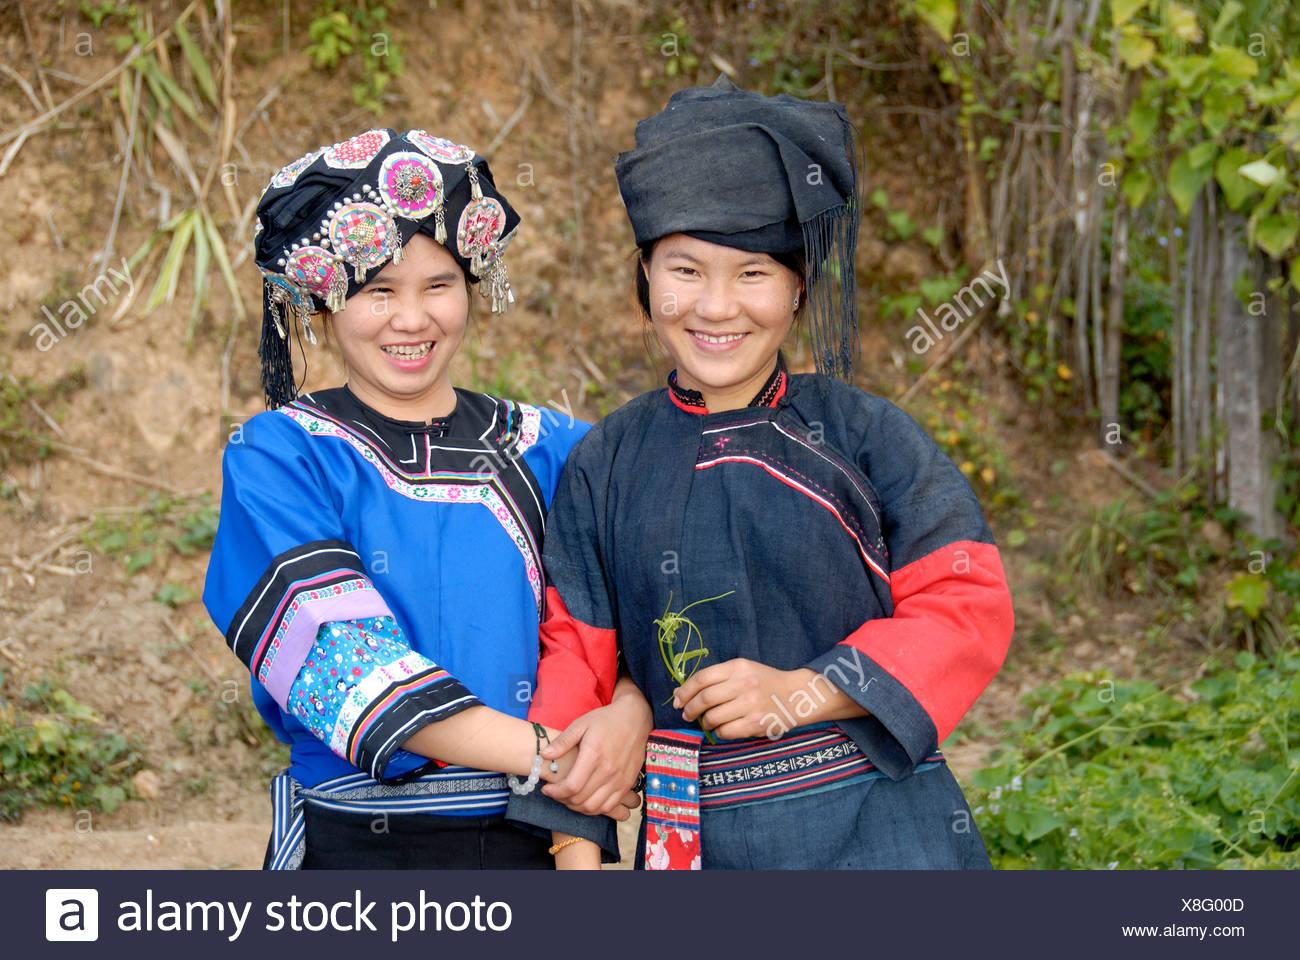 Porträt von zwei jungen Frauen von der Hor-Lolo Ethnie, in traditioneller Tracht, Kopfschmuck, Phongsali, Laos, Südostasien Stockbild